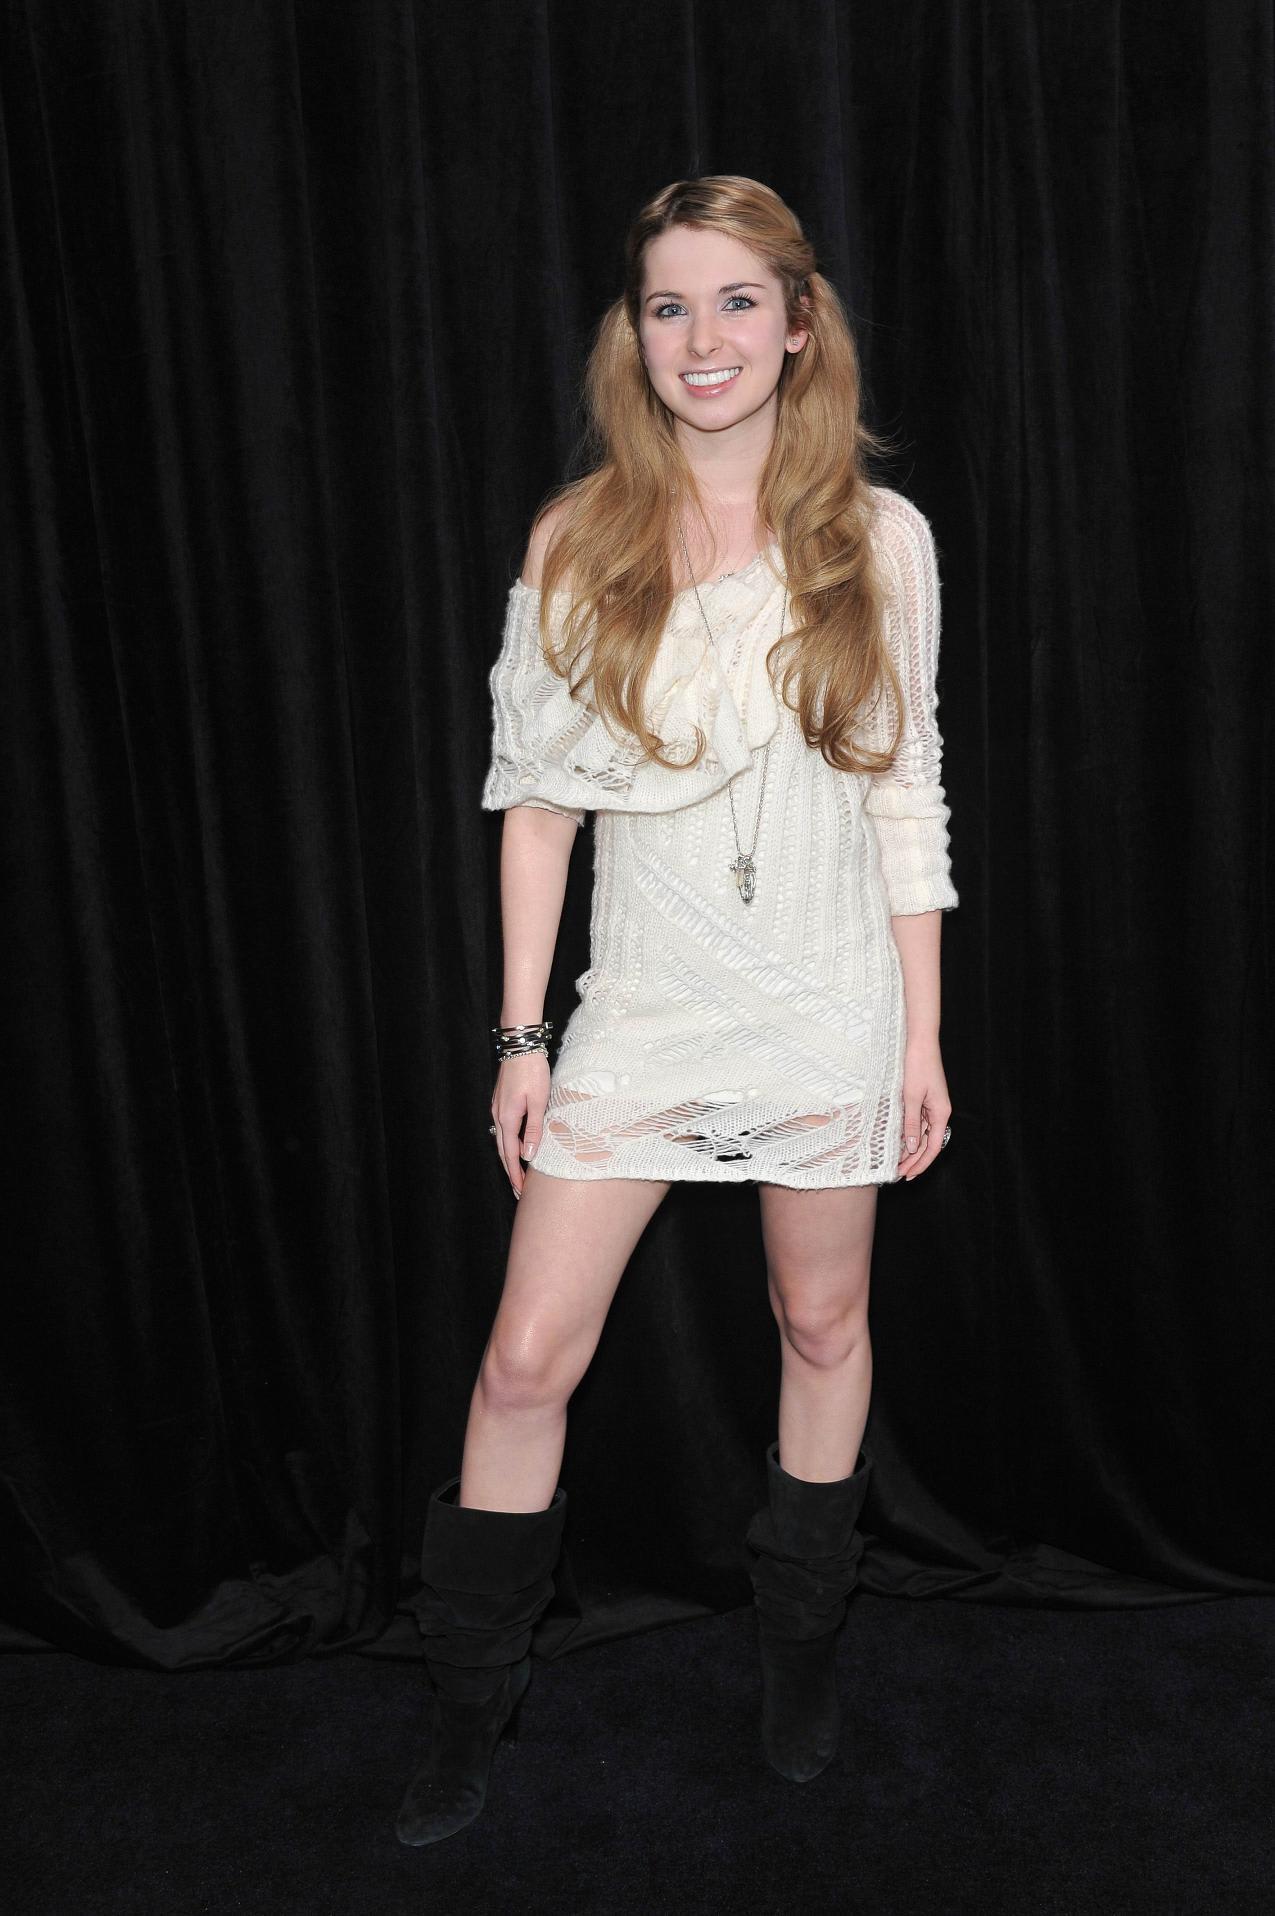 キルステンプラト Kirsten Prout attends The 9th Annual Awards Season Diamond Fashion Show  Preview on January 14, 2010.